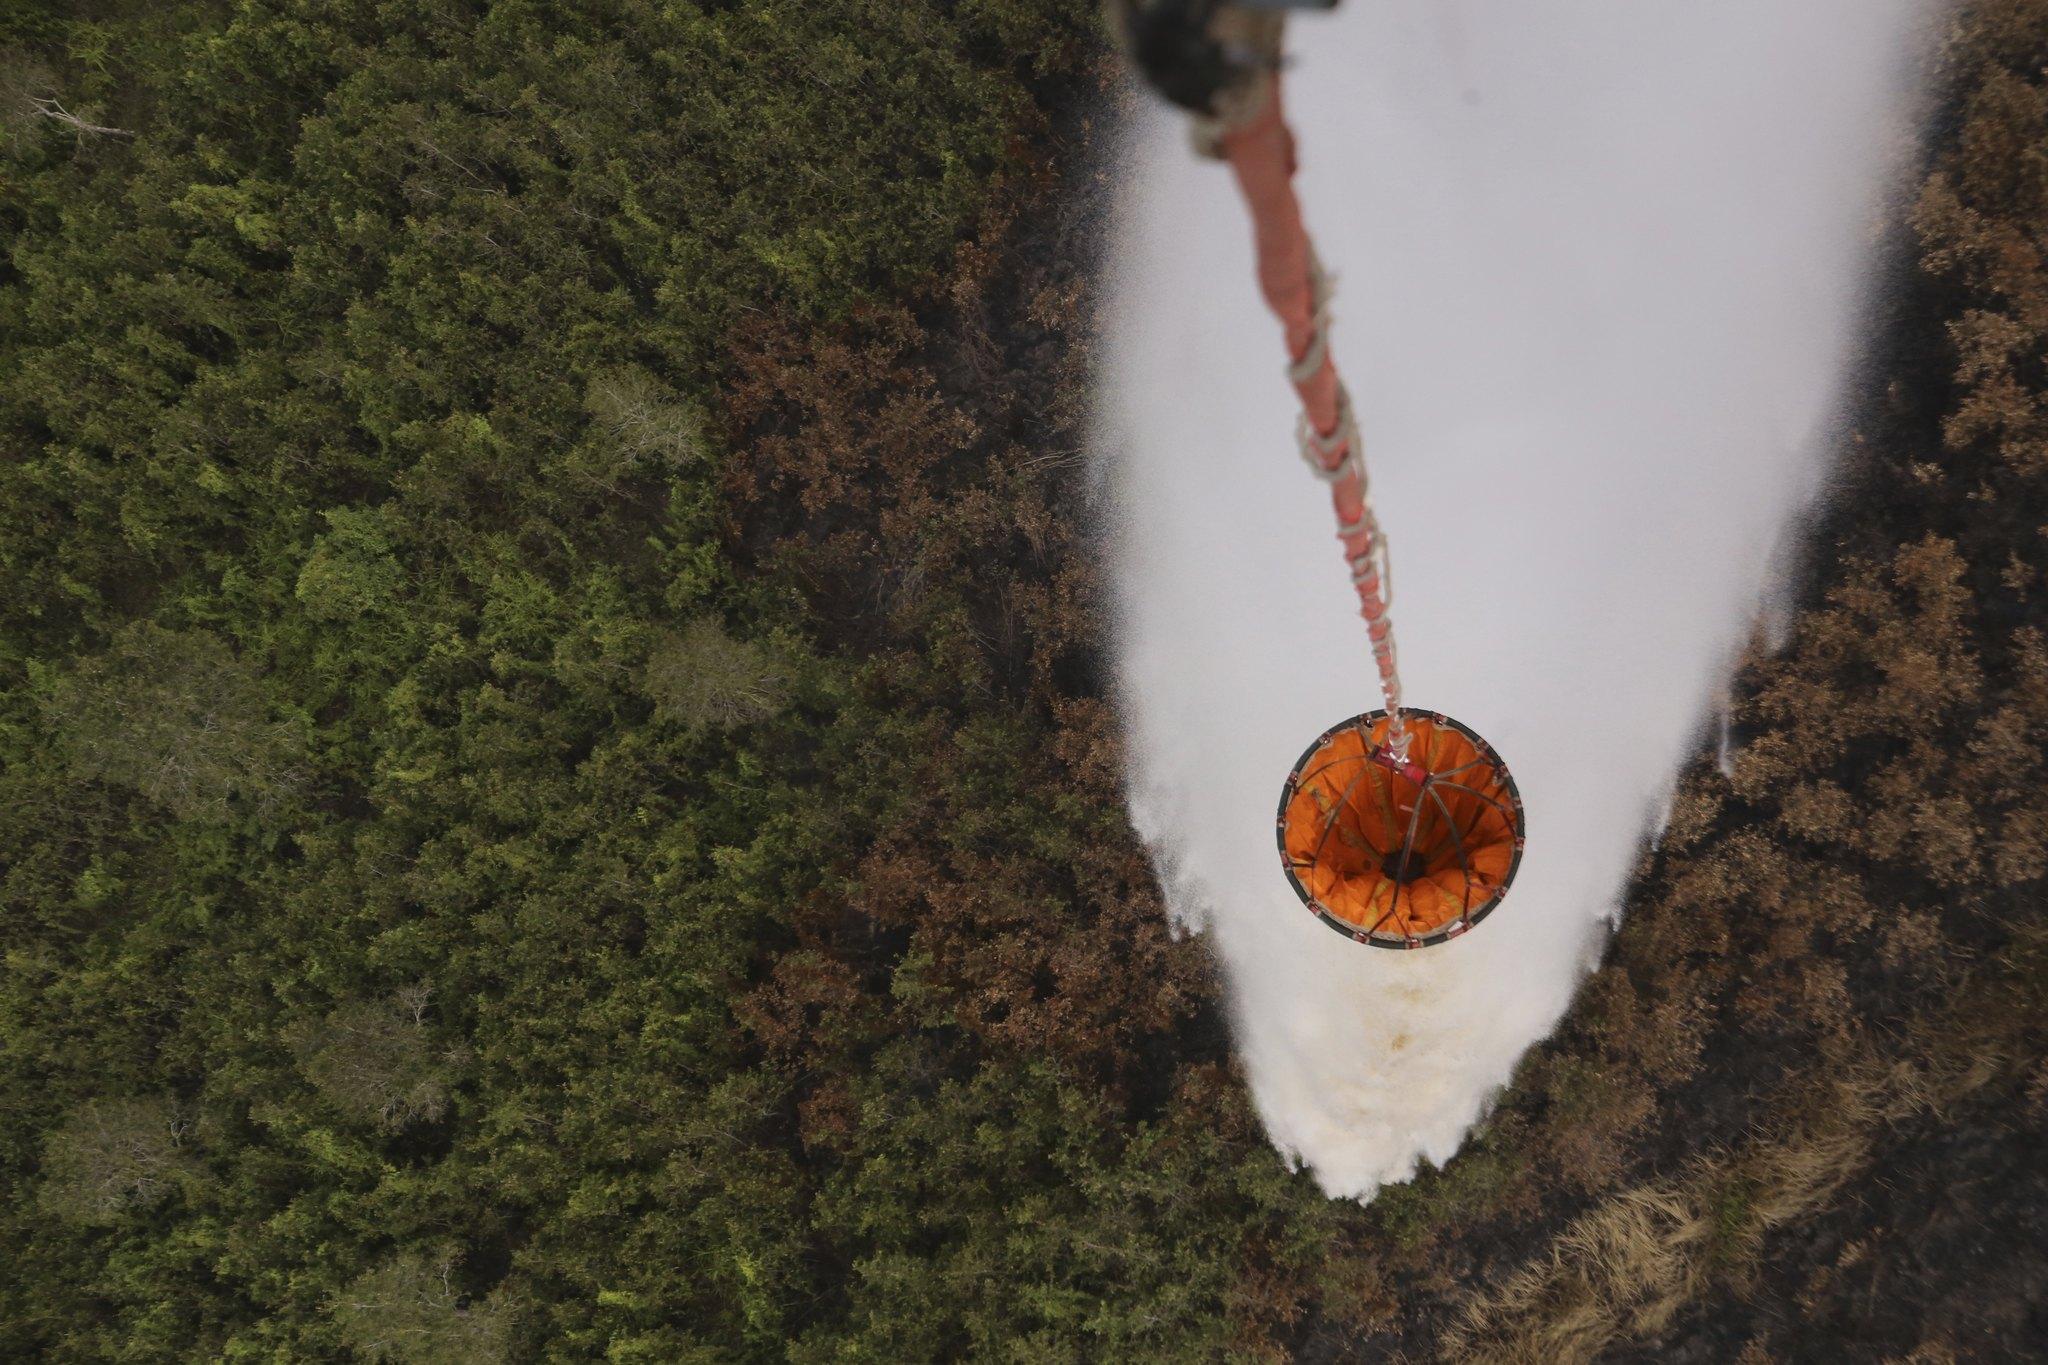 지난해 7월 인도네시아 남수마트라의 팔리 지역에서 산불로 인한 짙은 연무가 발생하자 산불을 진화하기 위해 헬리콥터에서 물을 뿌리고 있다. [AP=연합]